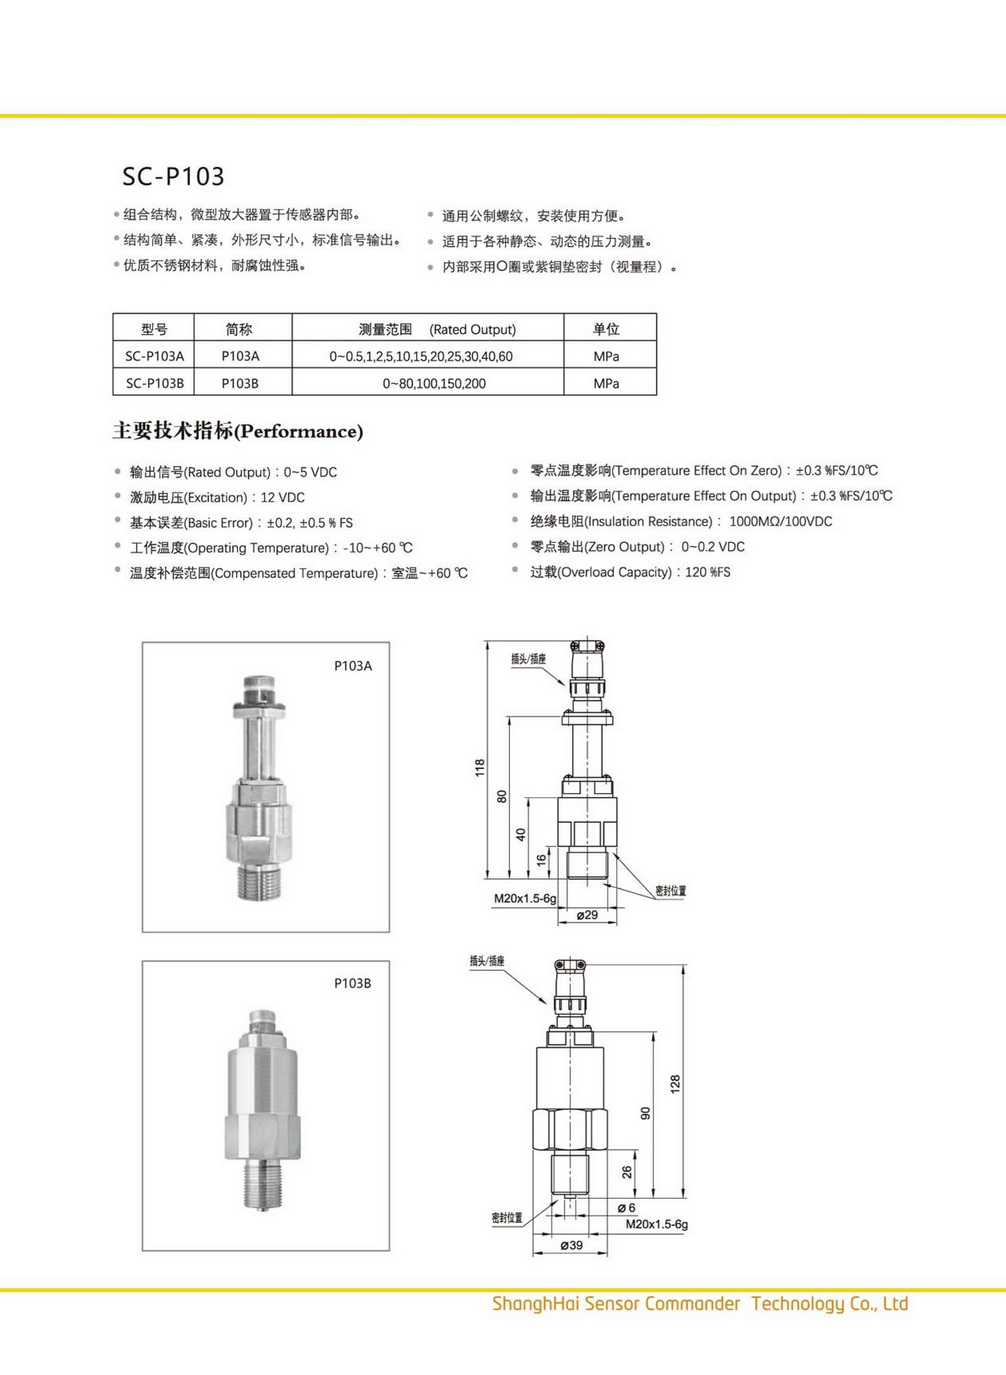 尚测科技产品选型手册 V1.3_页面_32_调整大小.jpg